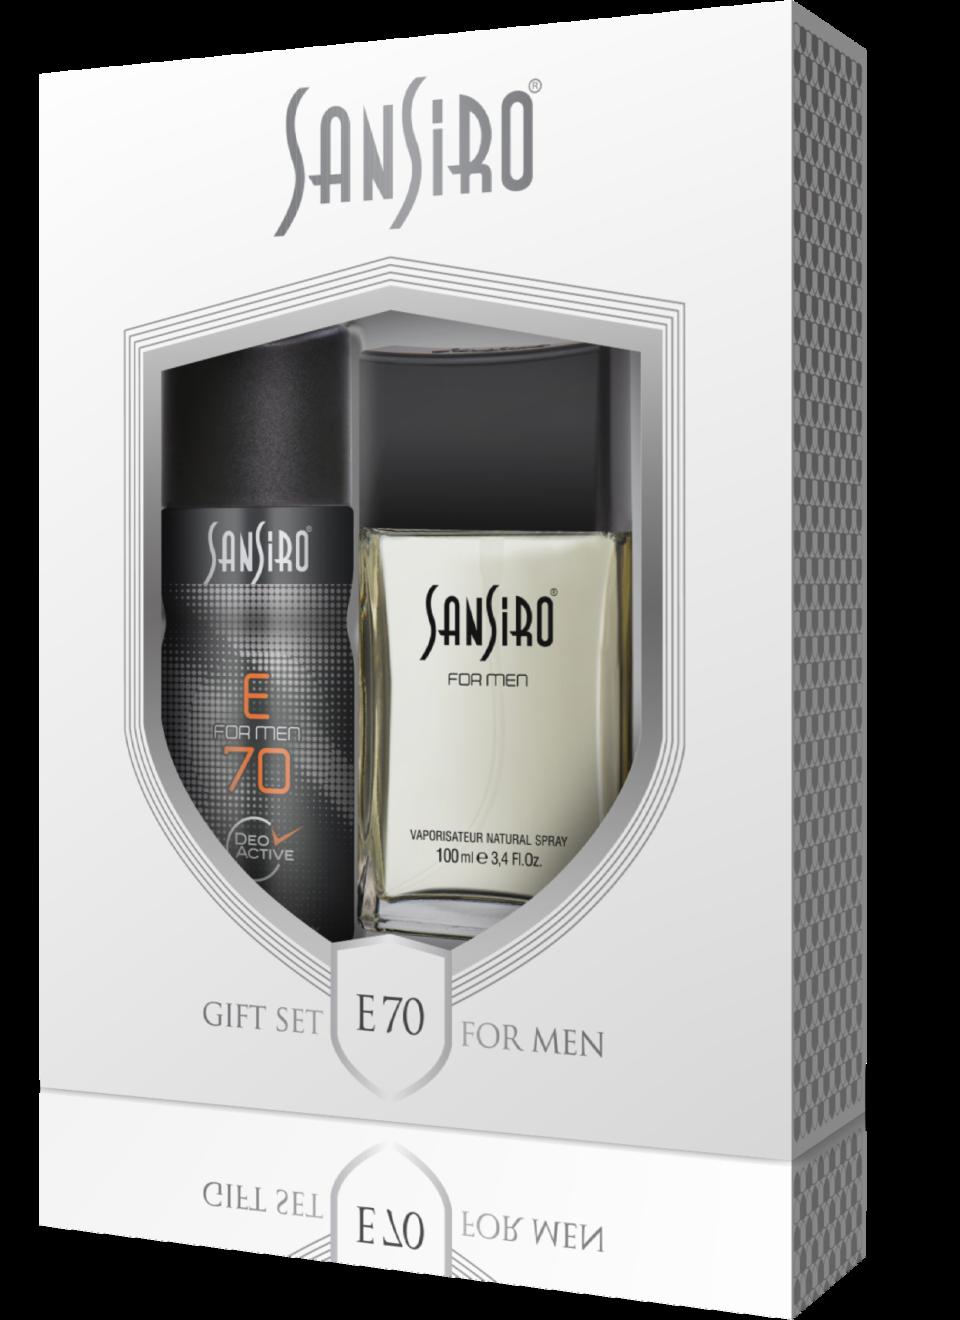 Sansiro Perfume - Gift Sets For Men - Geschenke Set E70